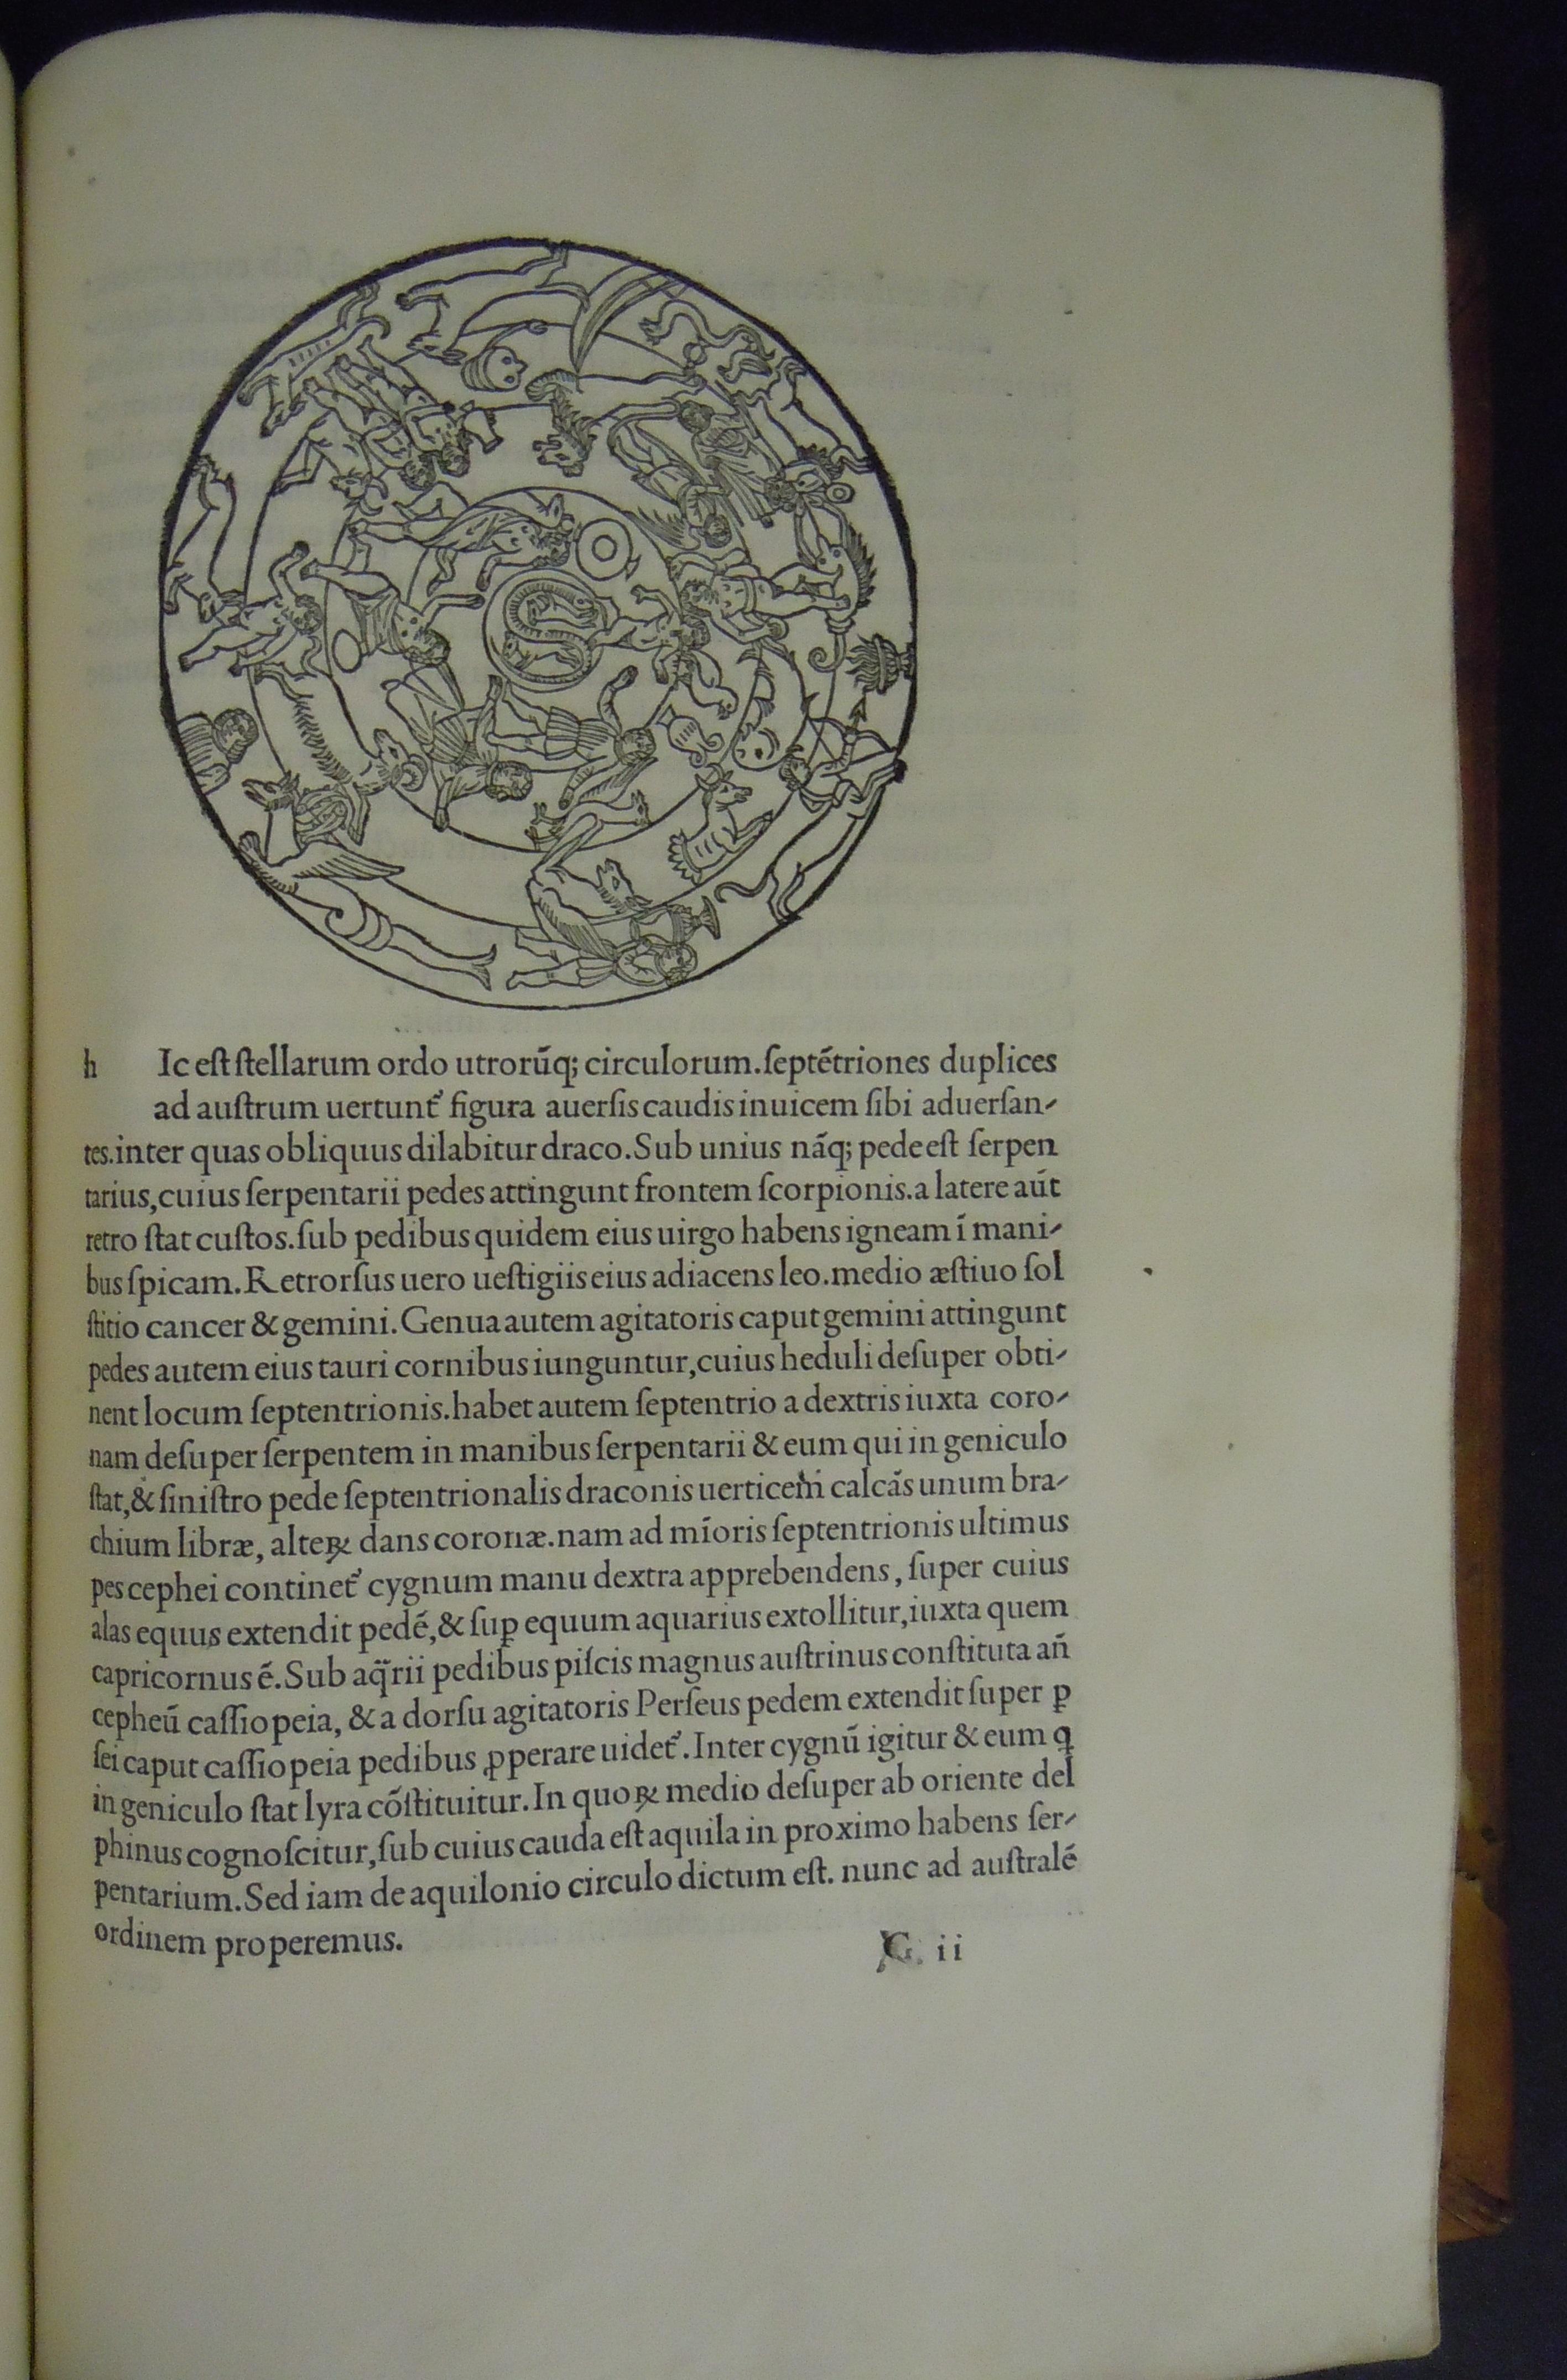 BT1.1.1, G2, Scriptores astronomici veteres, 1499 (Aldus Manutius)